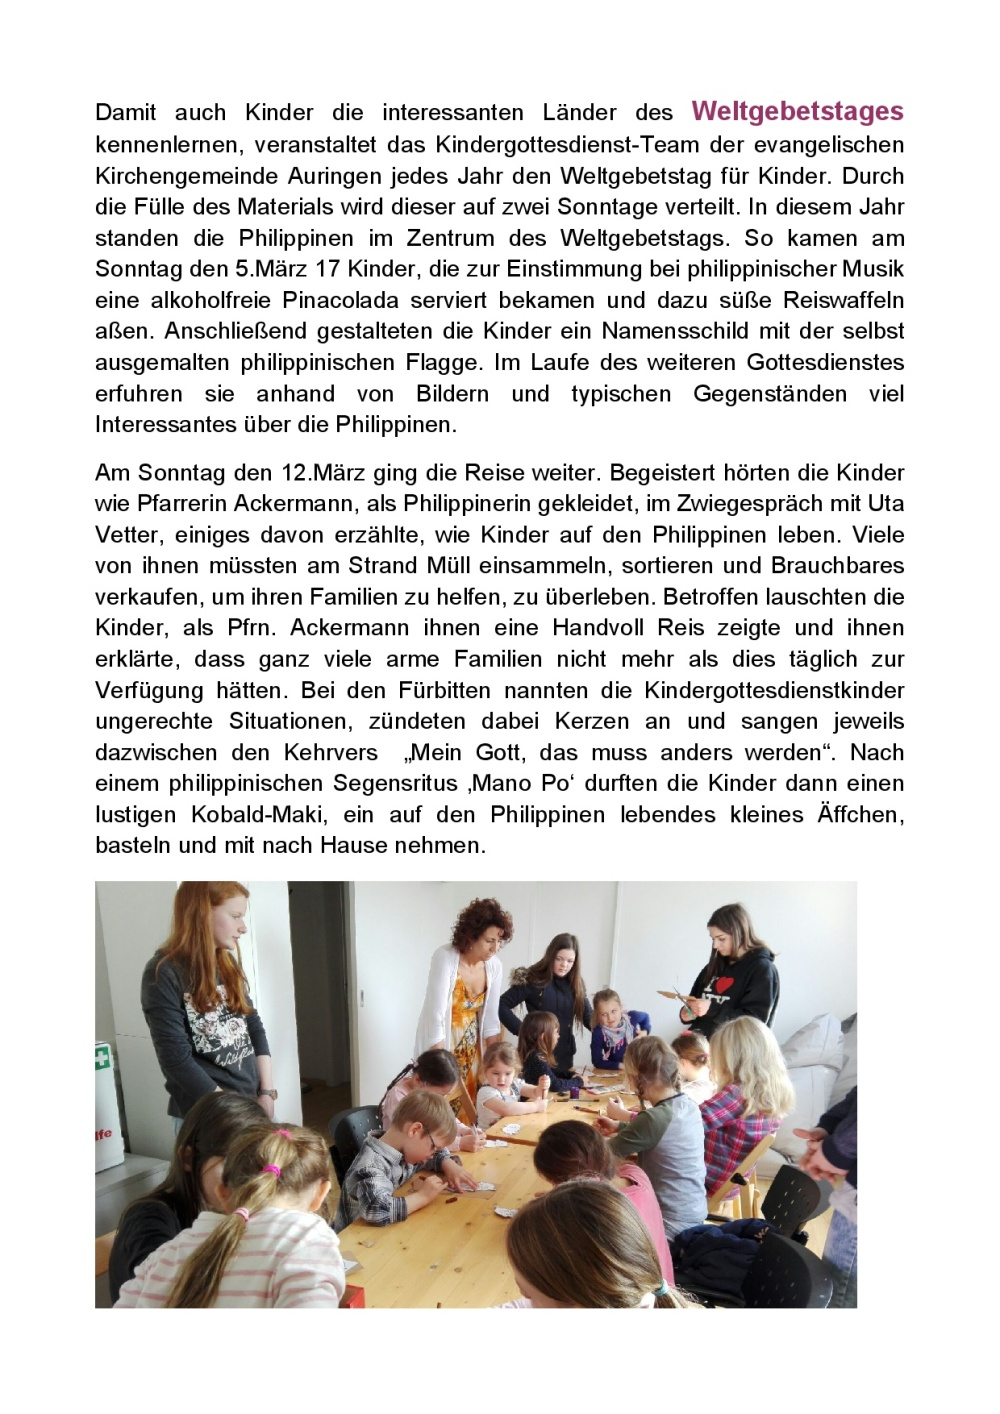 2017-03-05 Weltgebetstag für Kinder 2017-001